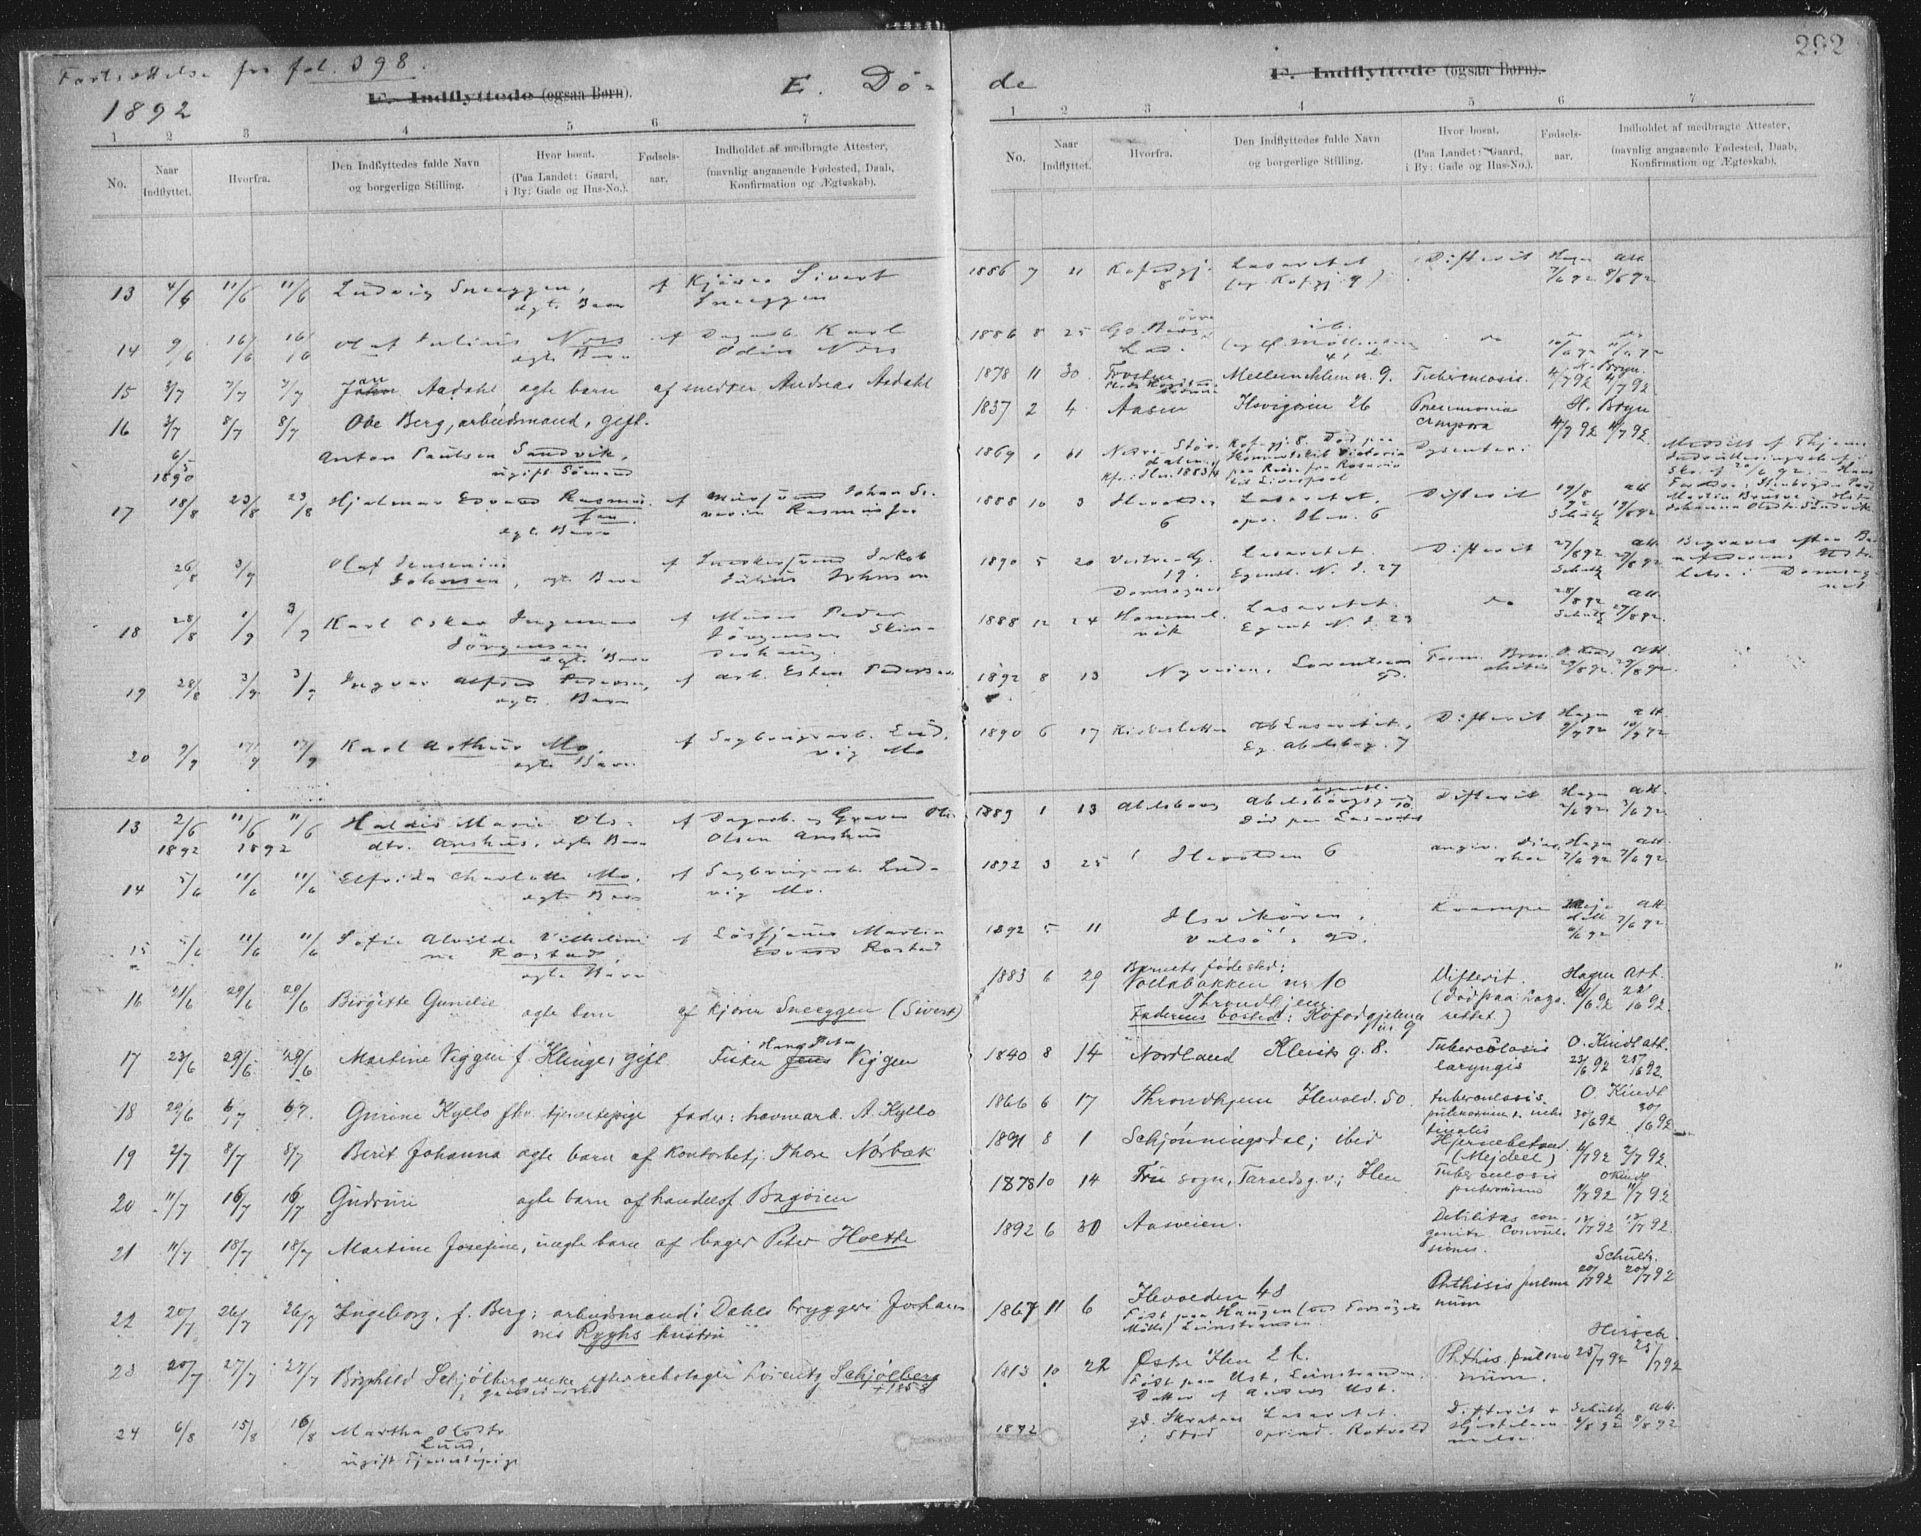 SAT, Ministerialprotokoller, klokkerbøker og fødselsregistre - Sør-Trøndelag, 603/L0163: Ministerialbok nr. 603A02, 1879-1895, s. 292